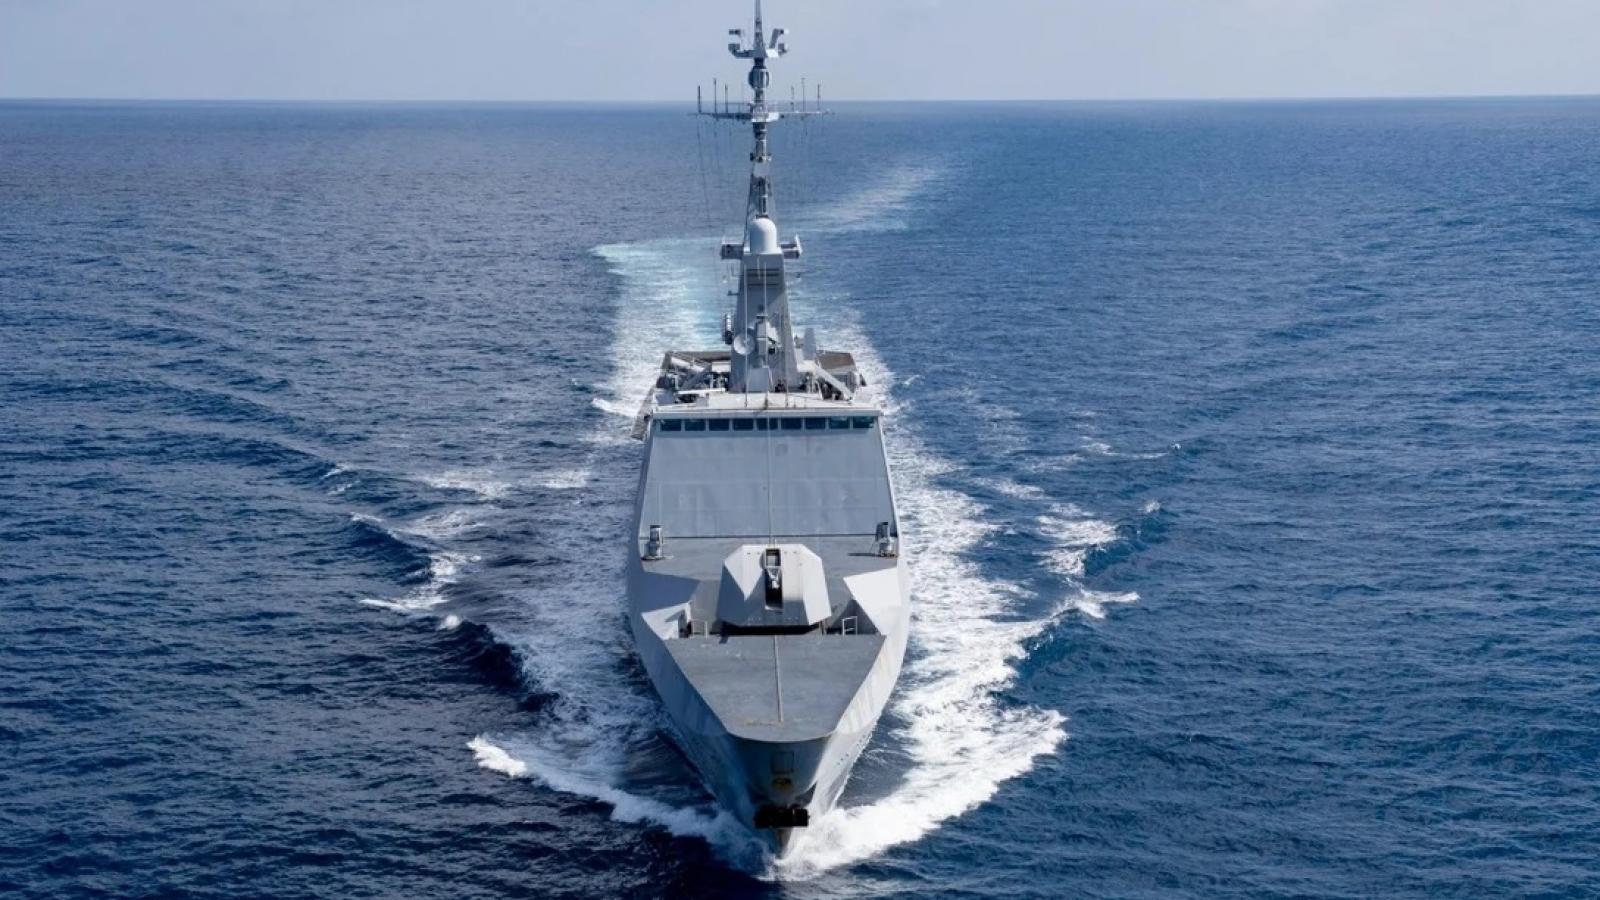 Đưa tàu chiến vào Biển Đông, Pháp đang khẳng định đối tác đa phương và tự do đi lại